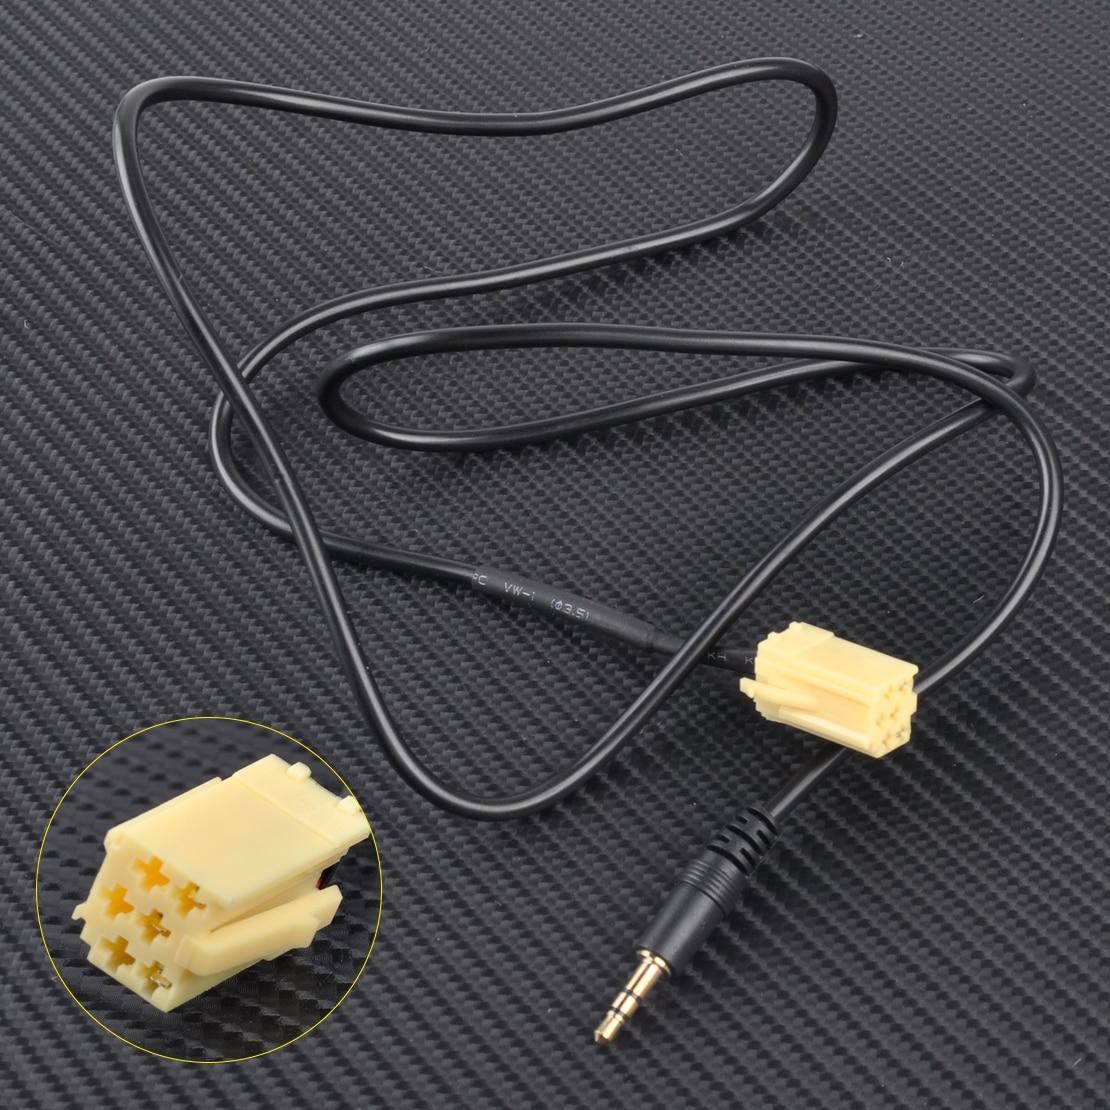 Citall 3.5 Mm Aux Input Adapter Kabel Lijn Voor Peugeot 206 207 307 308 Voor Citroen Sega C2 Met Rd9 Usb Hoofd 2007-2013 2014 2015 Verpakking Van Genomineerd Merk